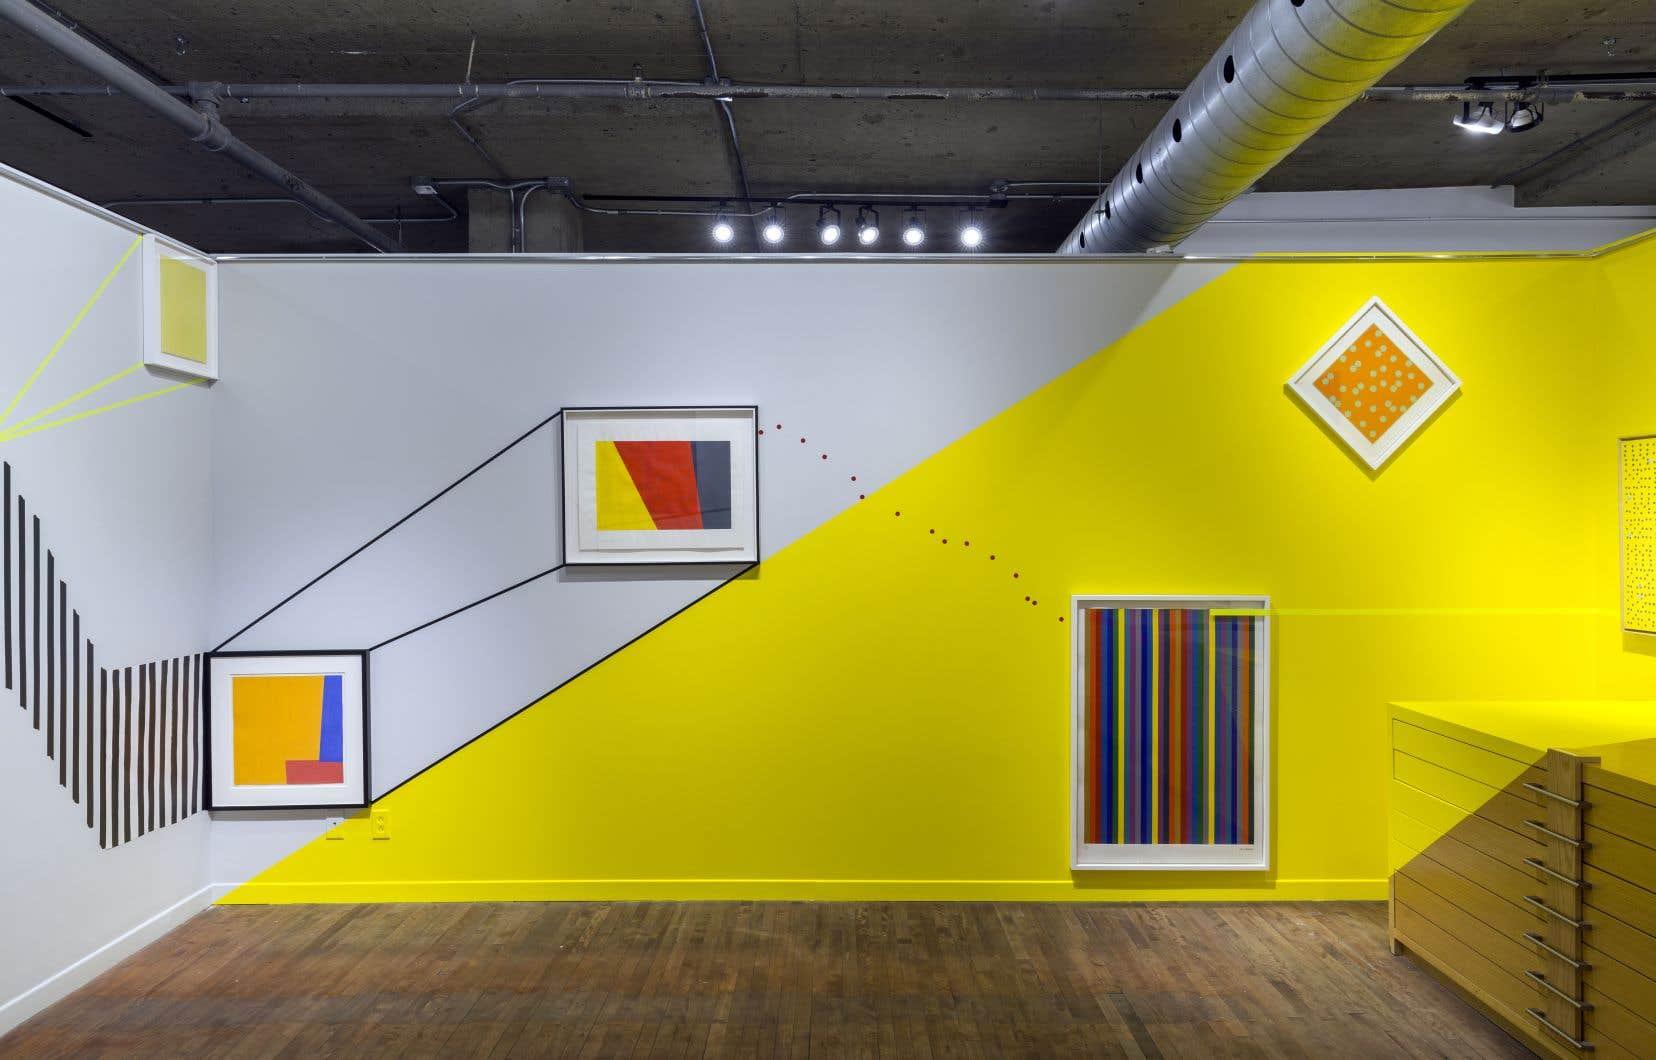 Jean-Sébastien Denis a travaillé in situ dans la salle 3 de la galerie, aux côtés d'œuvres de Letendre, Tousignant, Juneau et Molinari.